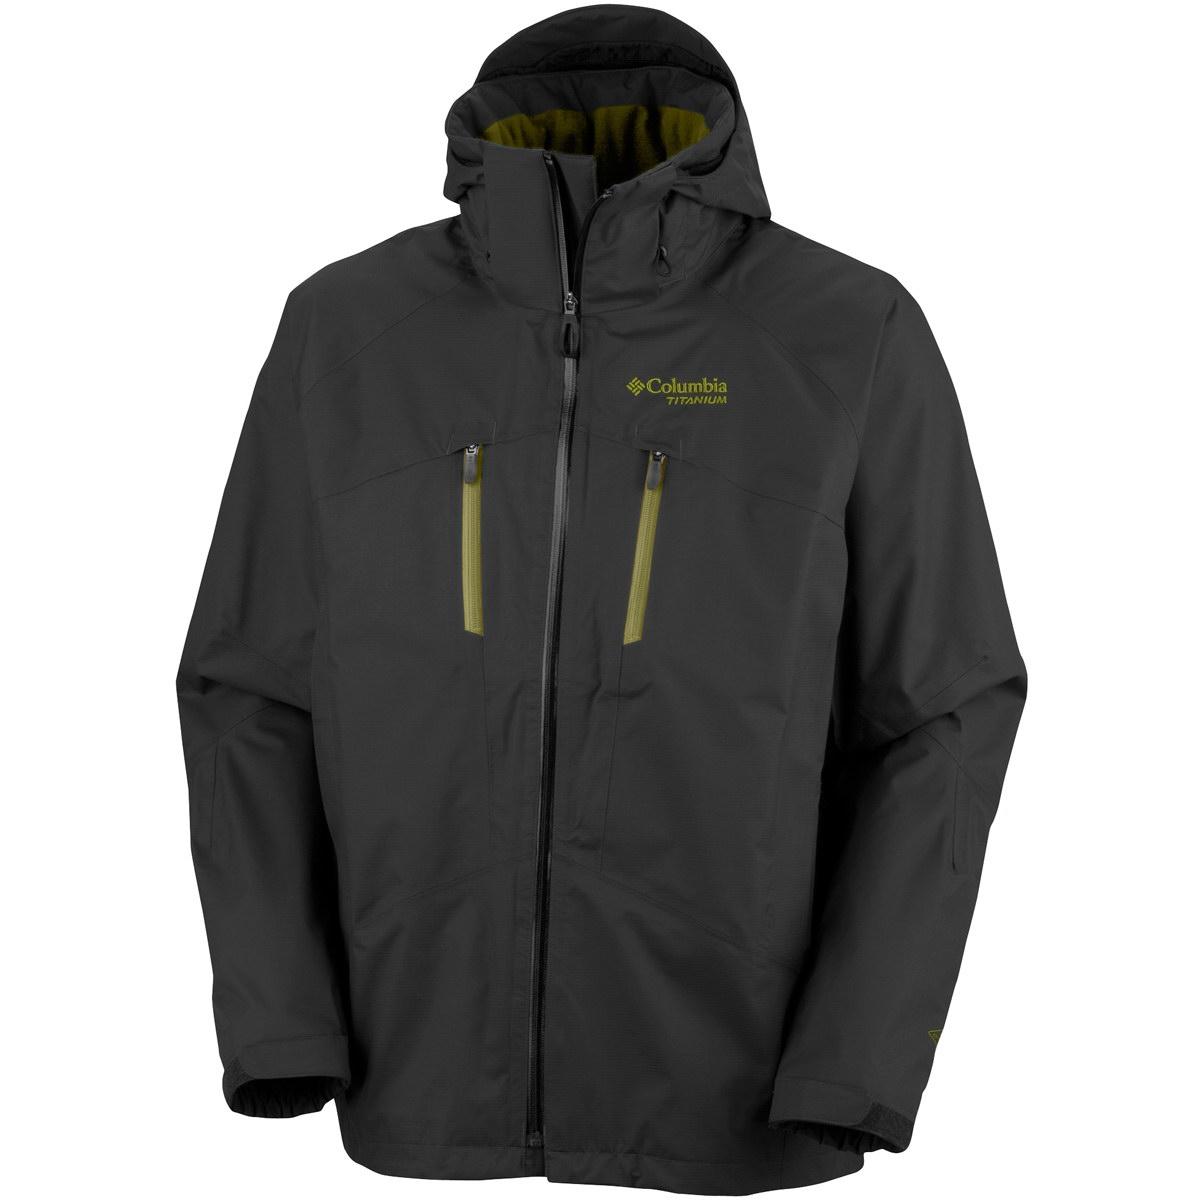 Columbia Angebote –  45 Prozent Rabatt auf Columbia Men's Stormin' Warm Jacket